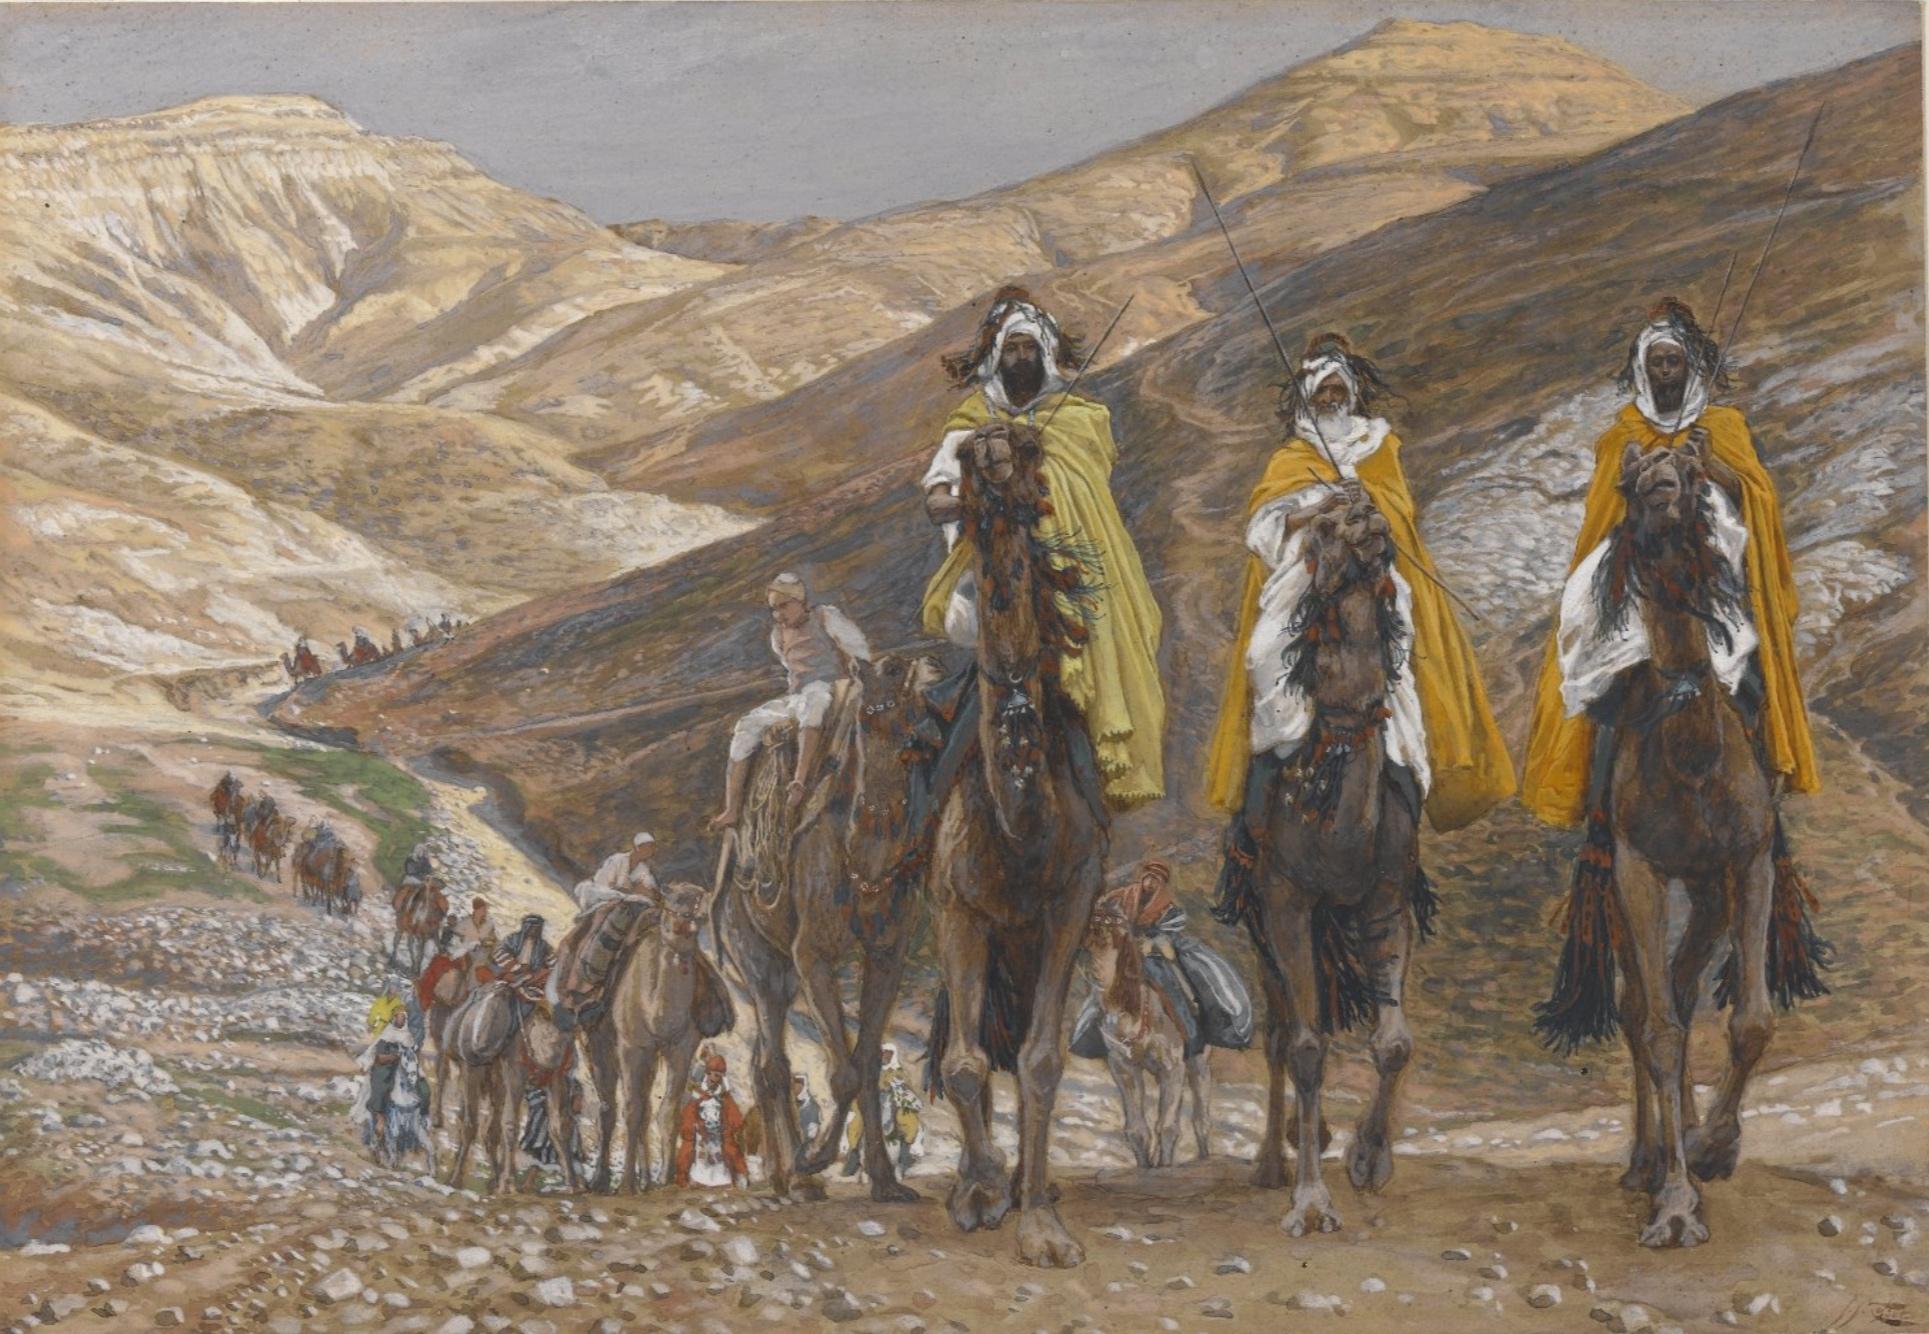 James Tissot, The Magi Journeying (1886-1894)